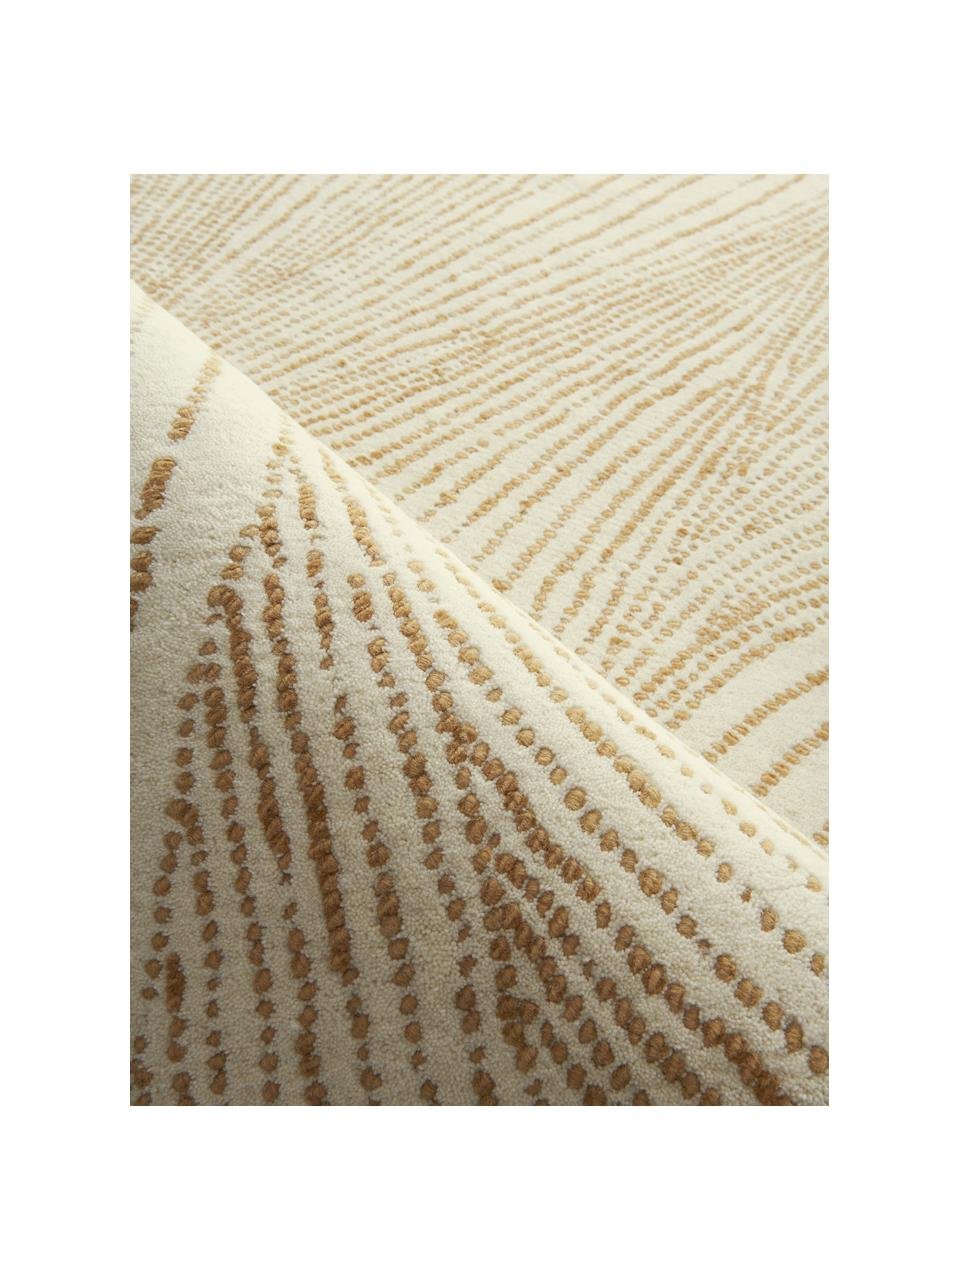 Handgewebter Wollteppich Waverly mit Wellenmuster, 100% Wolle, Beige, Weiß, B 200 x L 300 cm (Größe L)